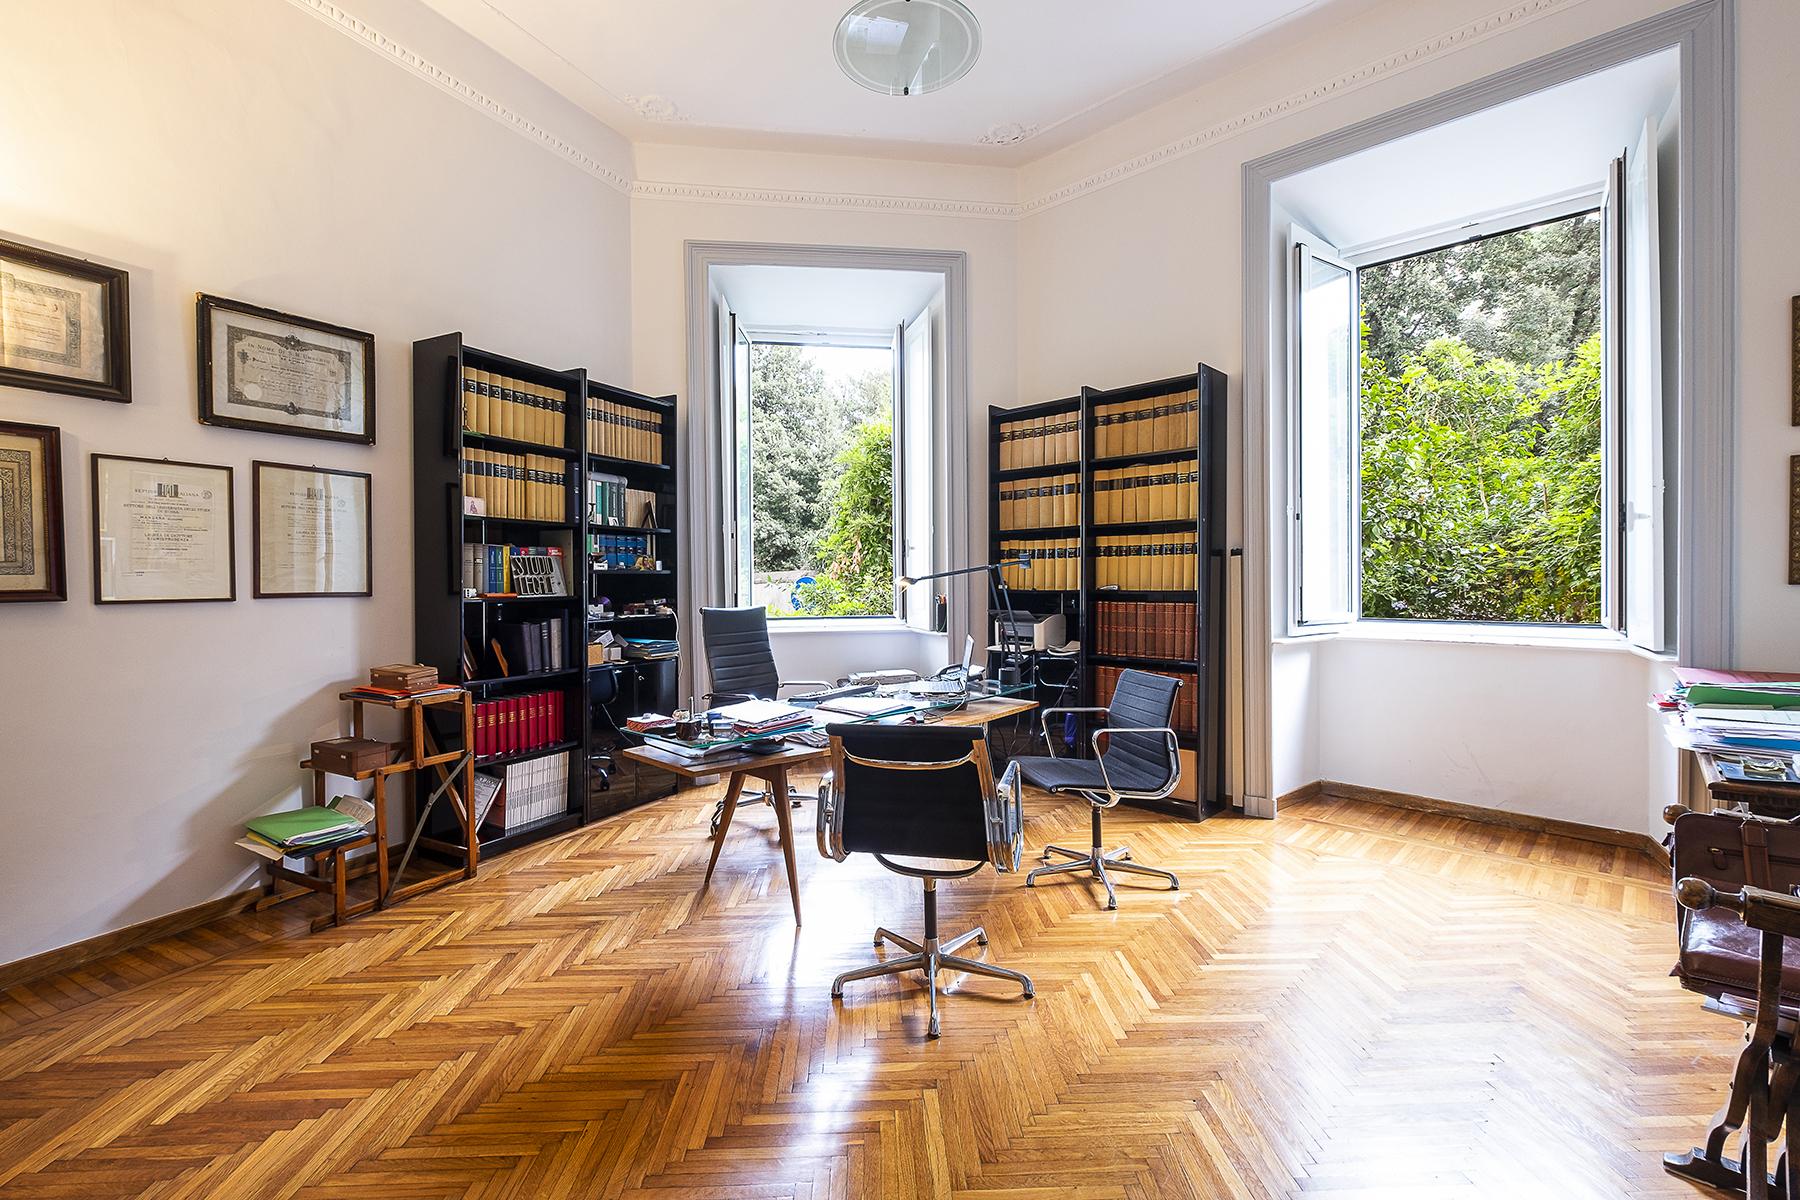 Appartamento in Vendita a Roma 02 Parioli / Pinciano / Flaminio:  5 locali, 313 mq  - Foto 1